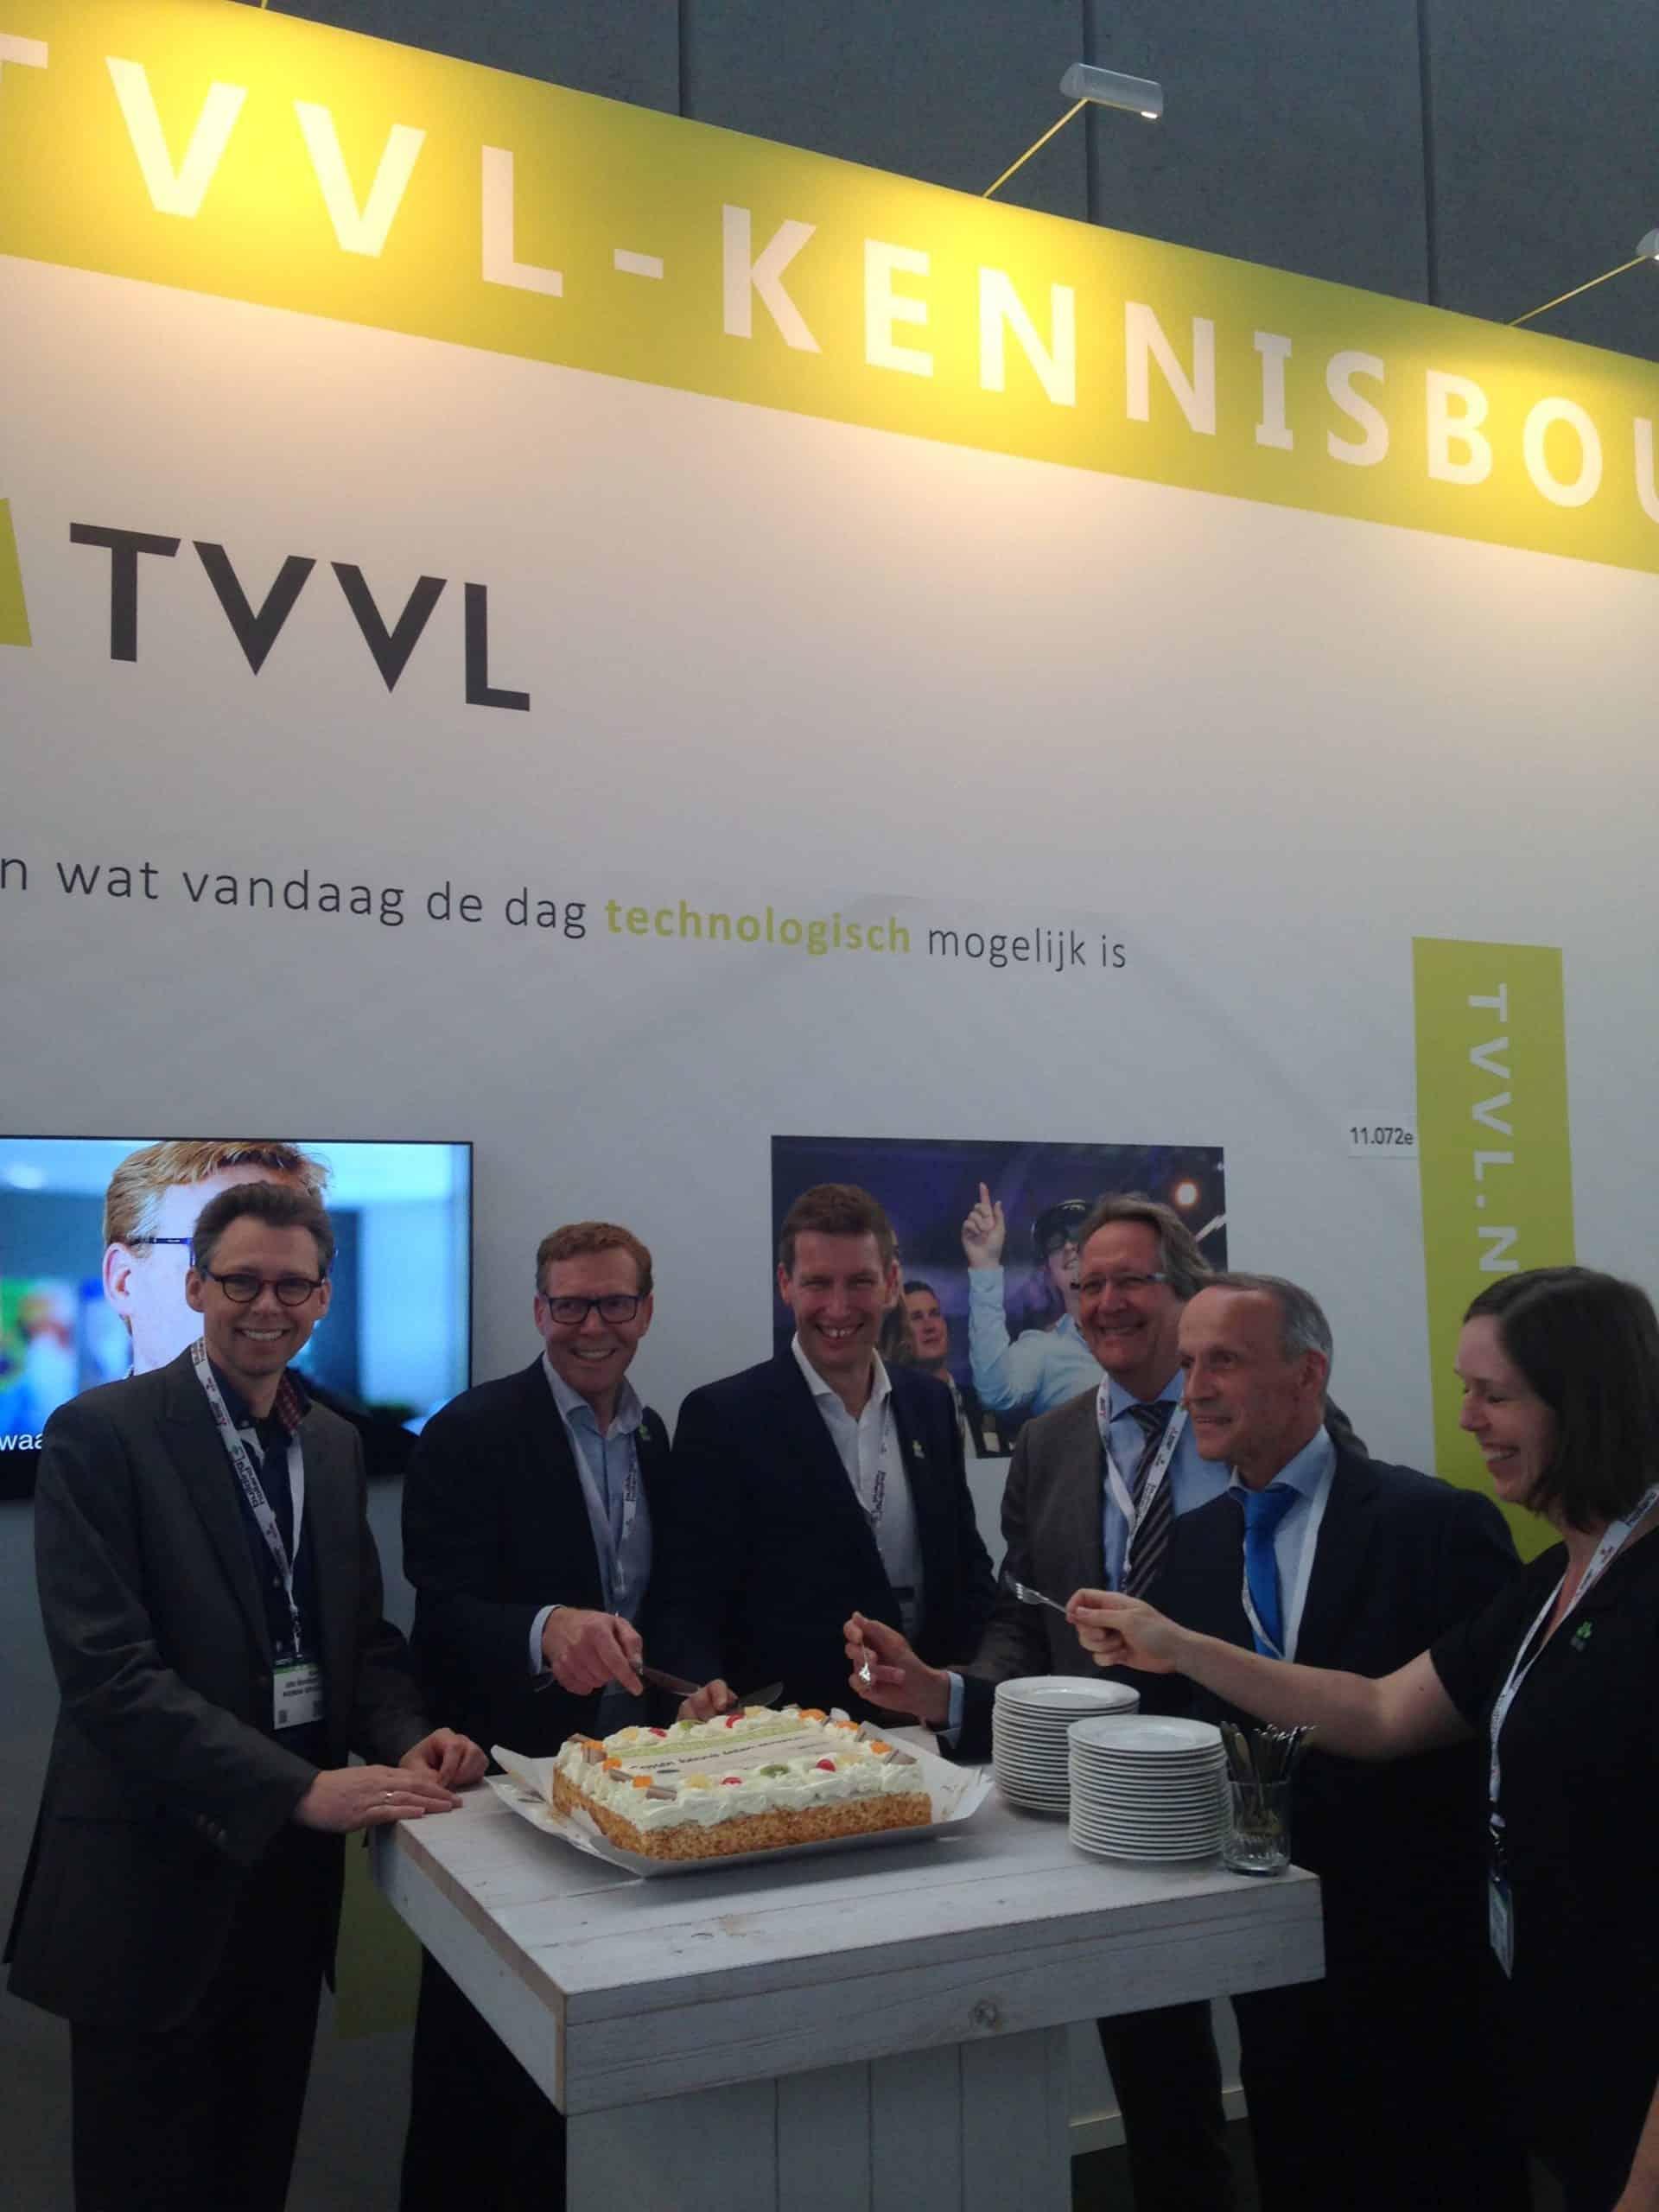 Gezamenlijke-start-Building-Holland-op-TVVL-Kennisboulevard-11-04-2017-2-scaled